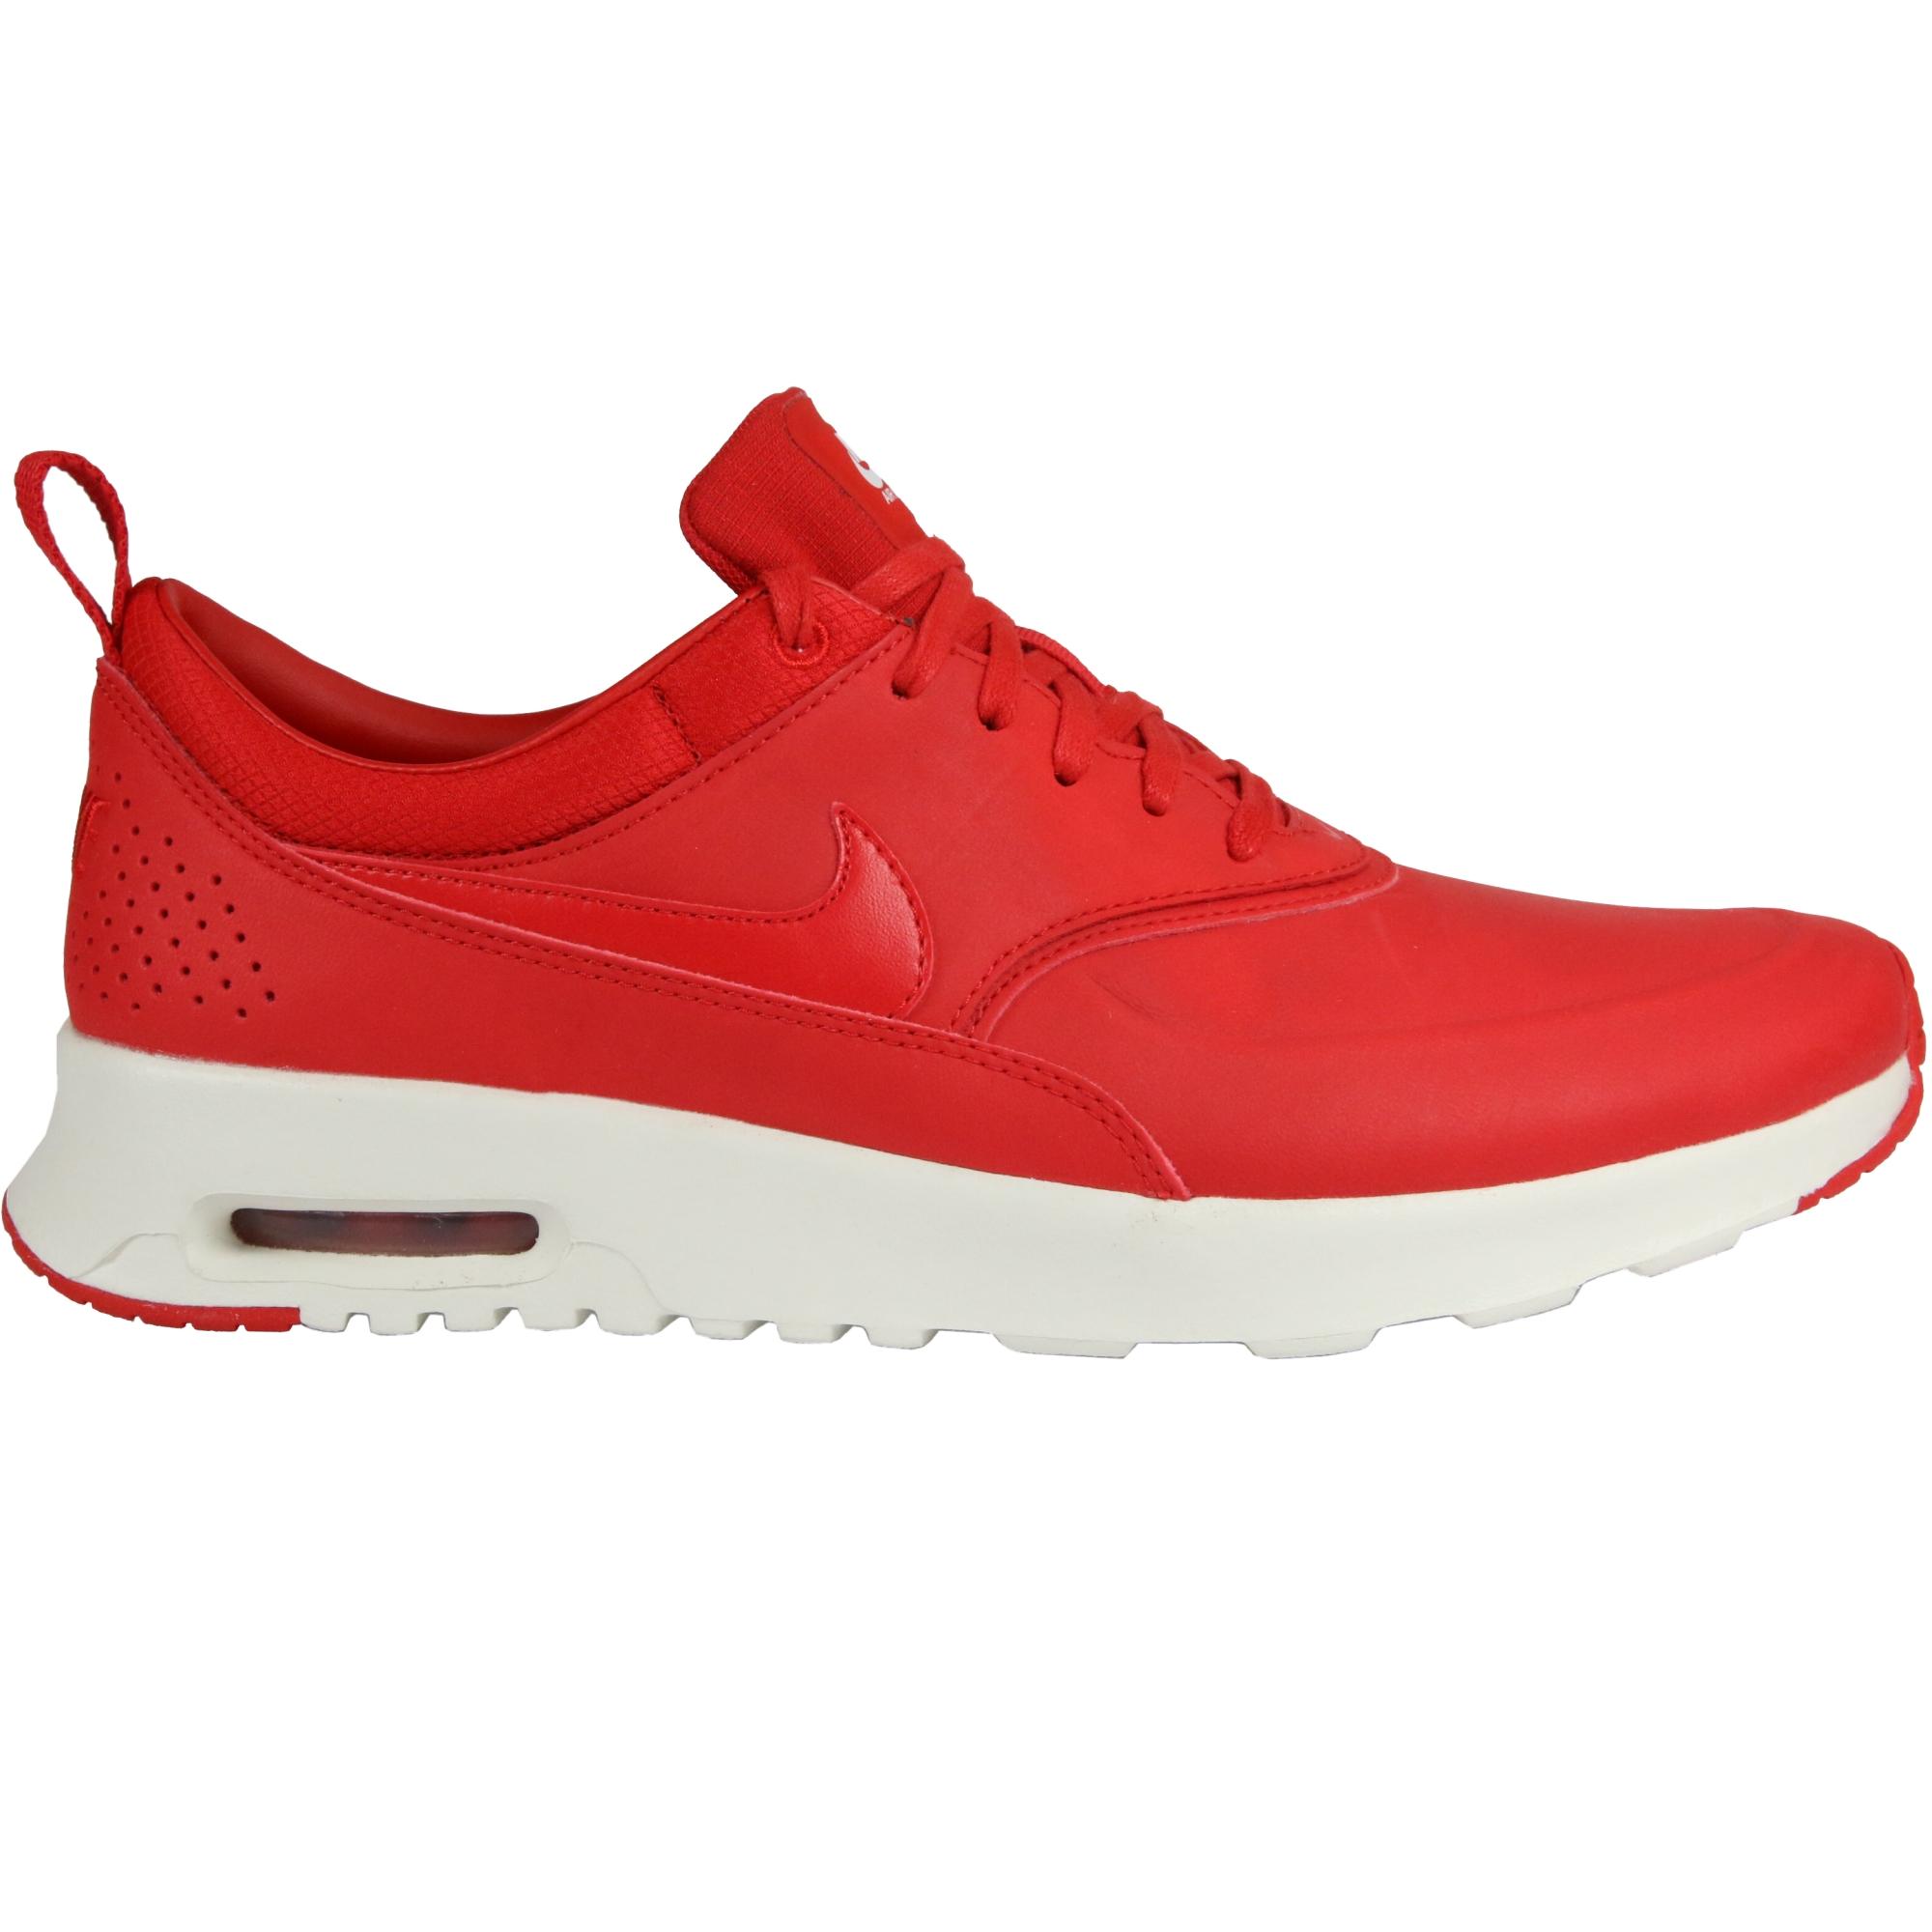 Nike Air Max Thea Premium Casual Shoes